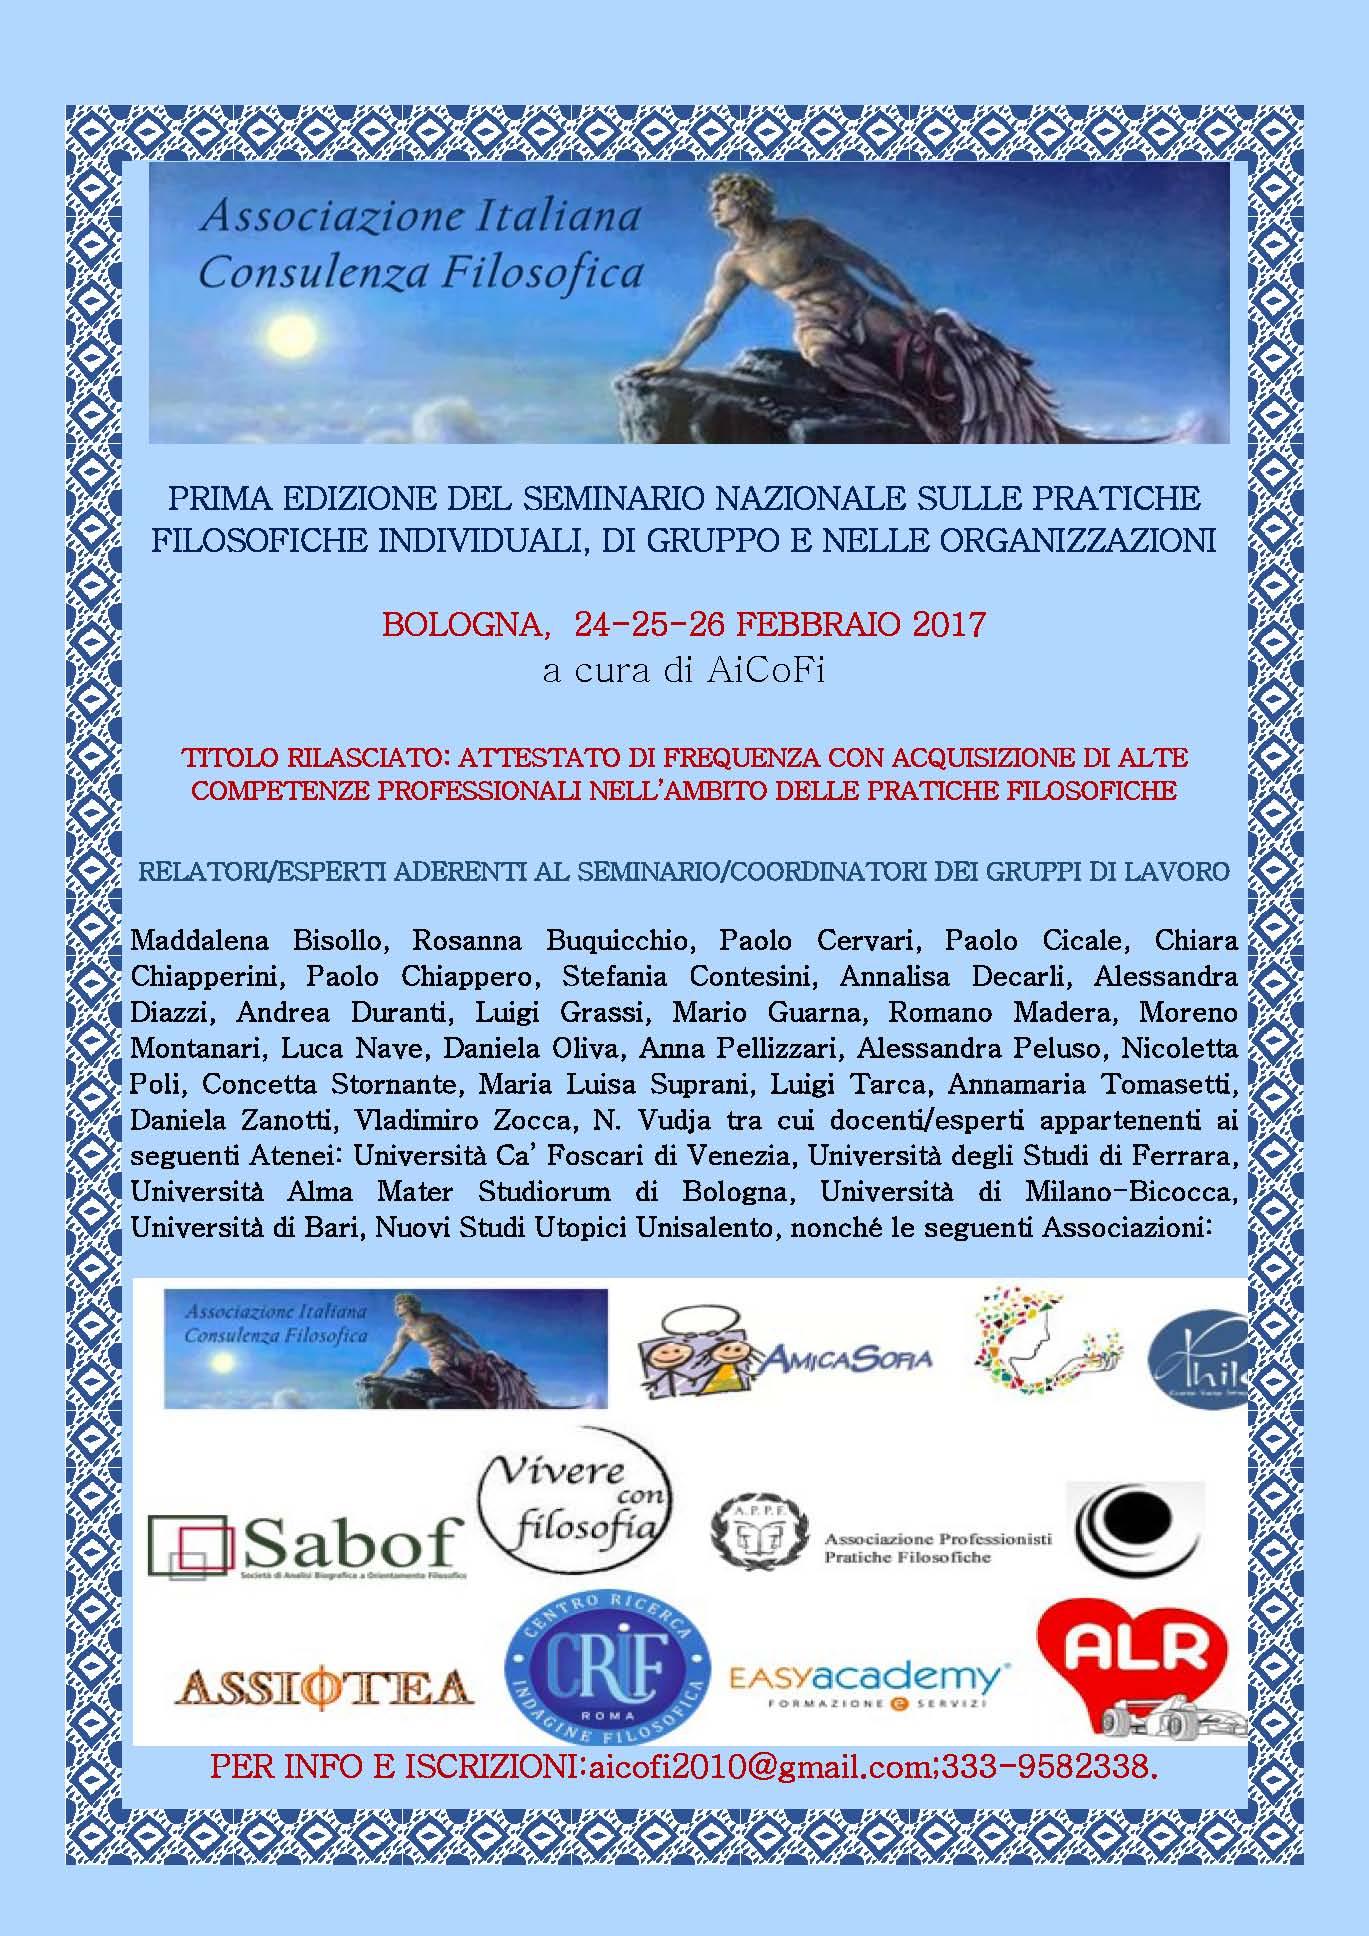 Seminario Pratiche Filosofiche a Bologna del 24,25,26 febbraio